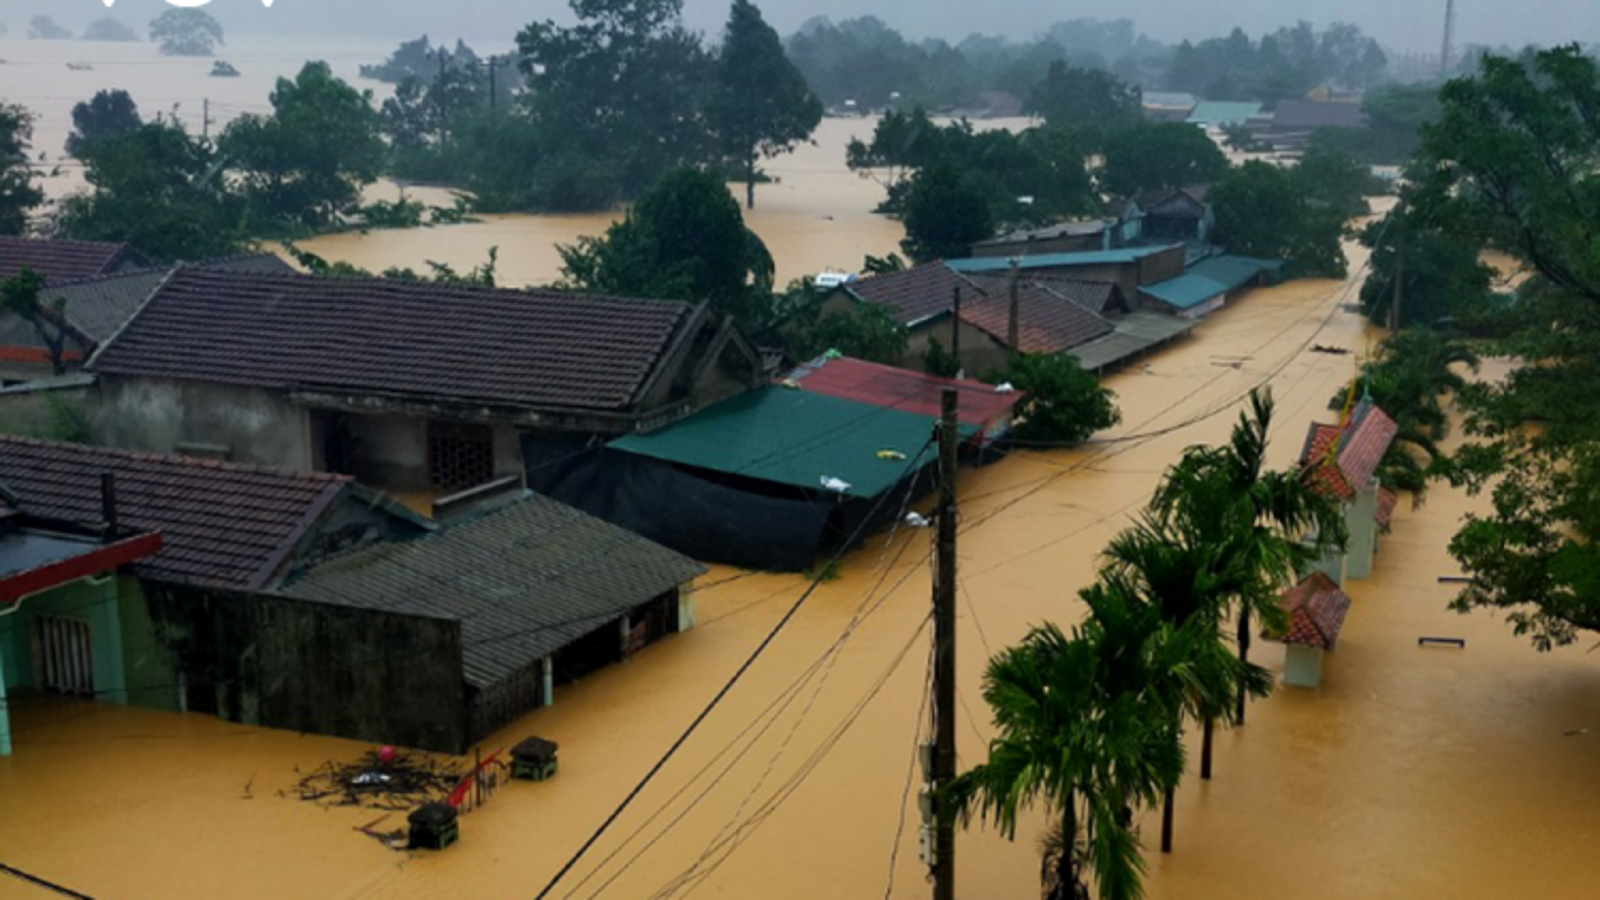 Hỗ trợ 25 triệu USD cho Việt Nam khắc phục giảm nhẹ rủi ro thiên tai năm 2020